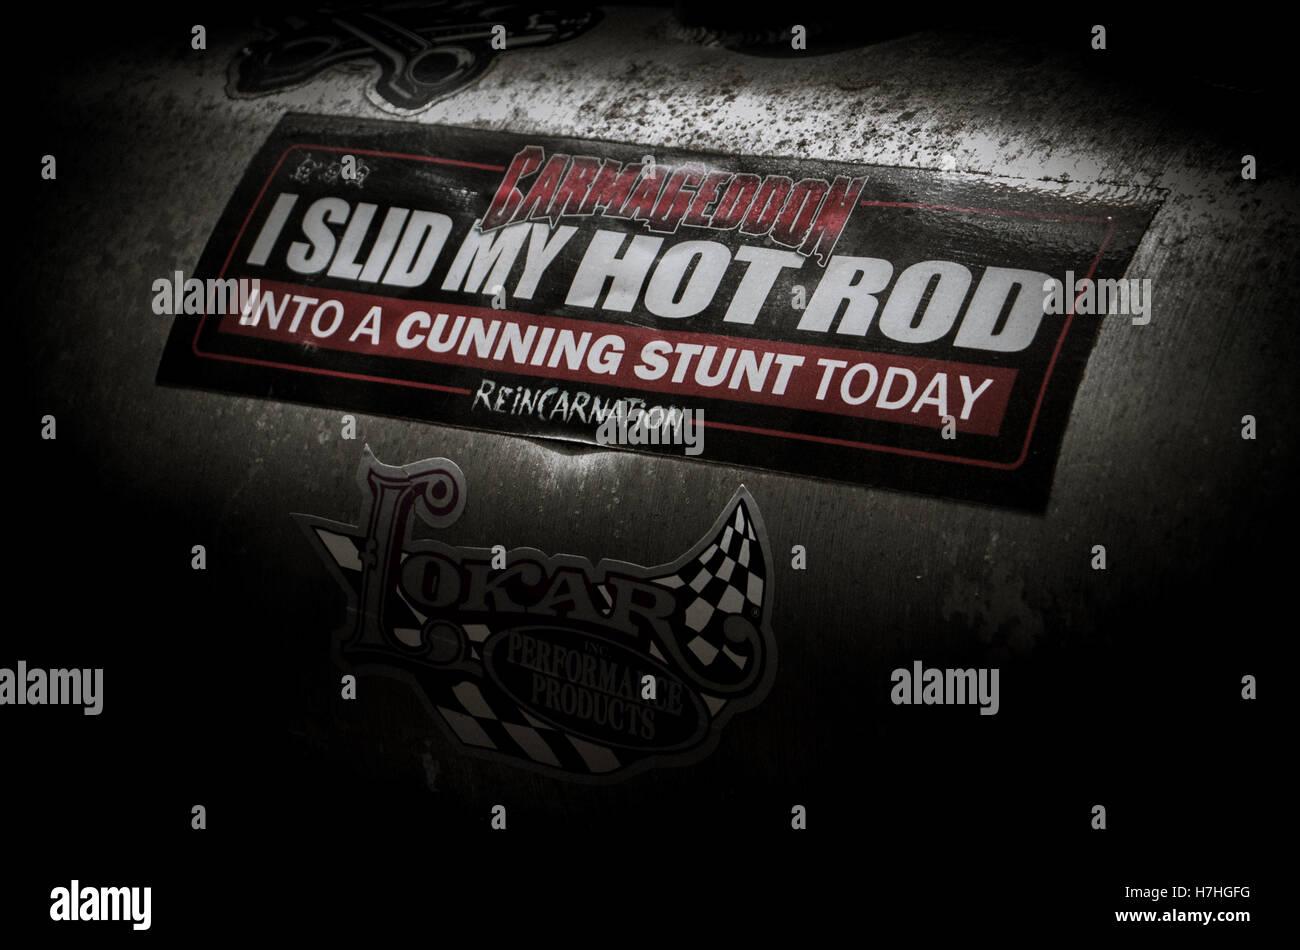 Cunning Stunts Imagen De Stock